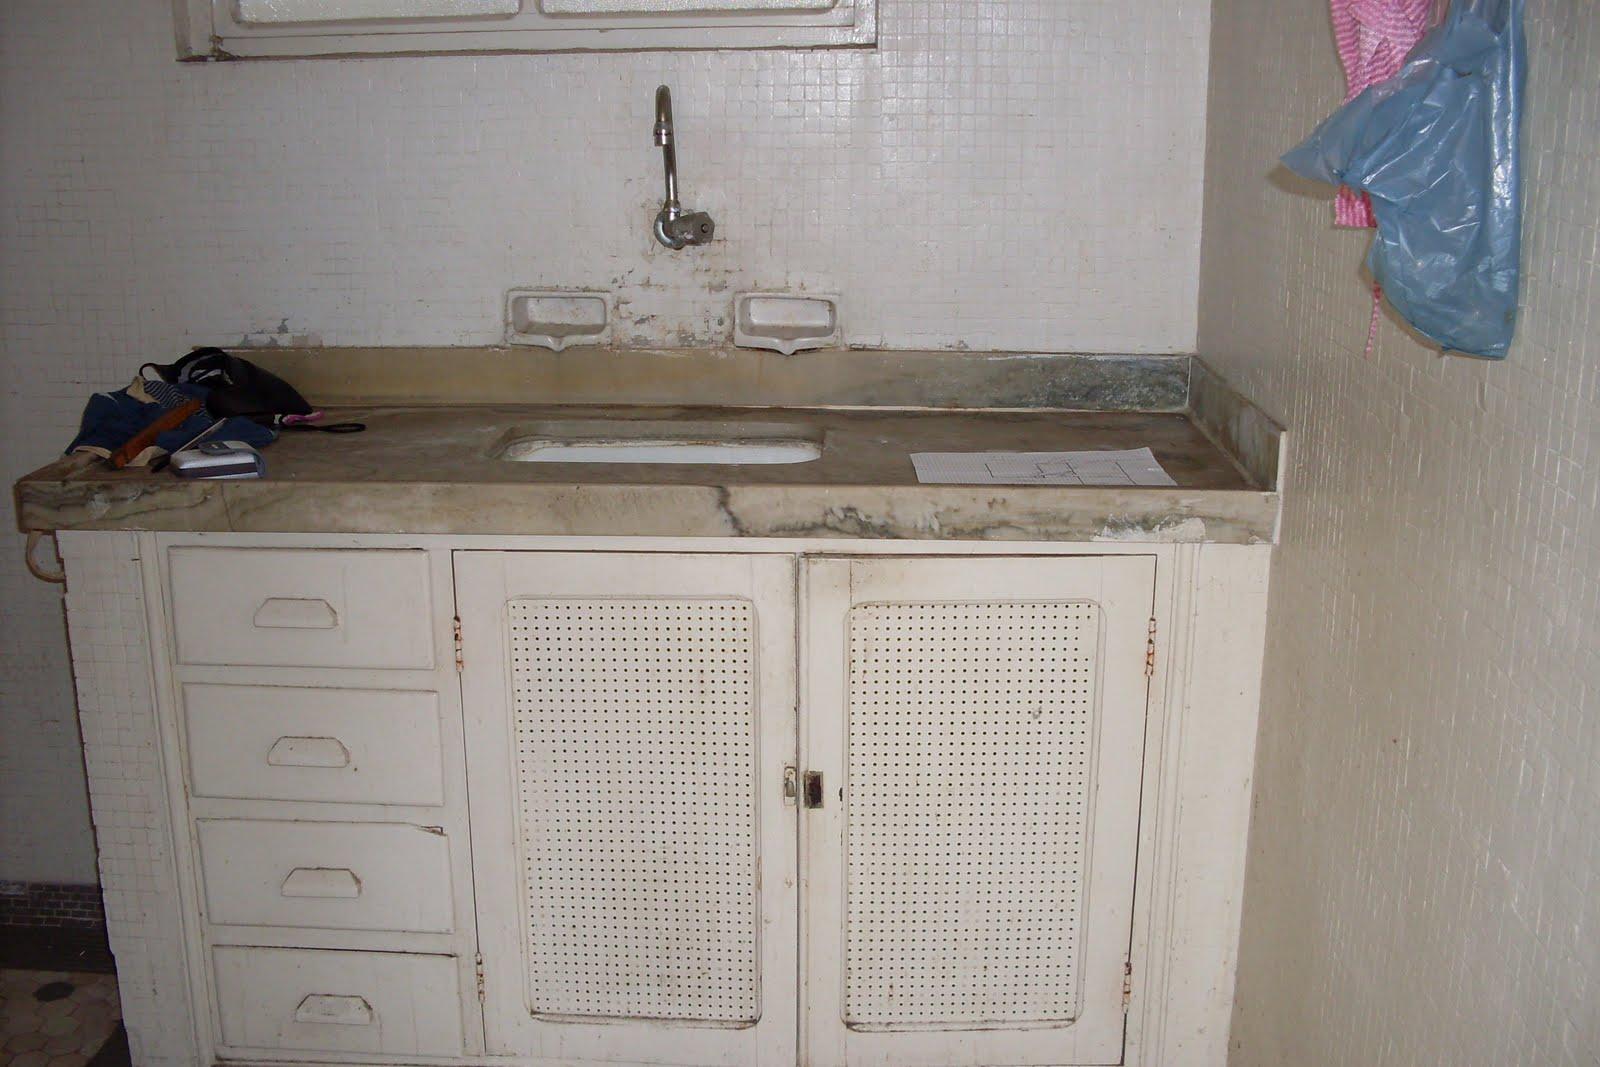 Pia da cozinha. As pastilhas antigas foram pintadas. #4E667D 1600x1067 Banheiro Com Janela Em Cima Da Pia